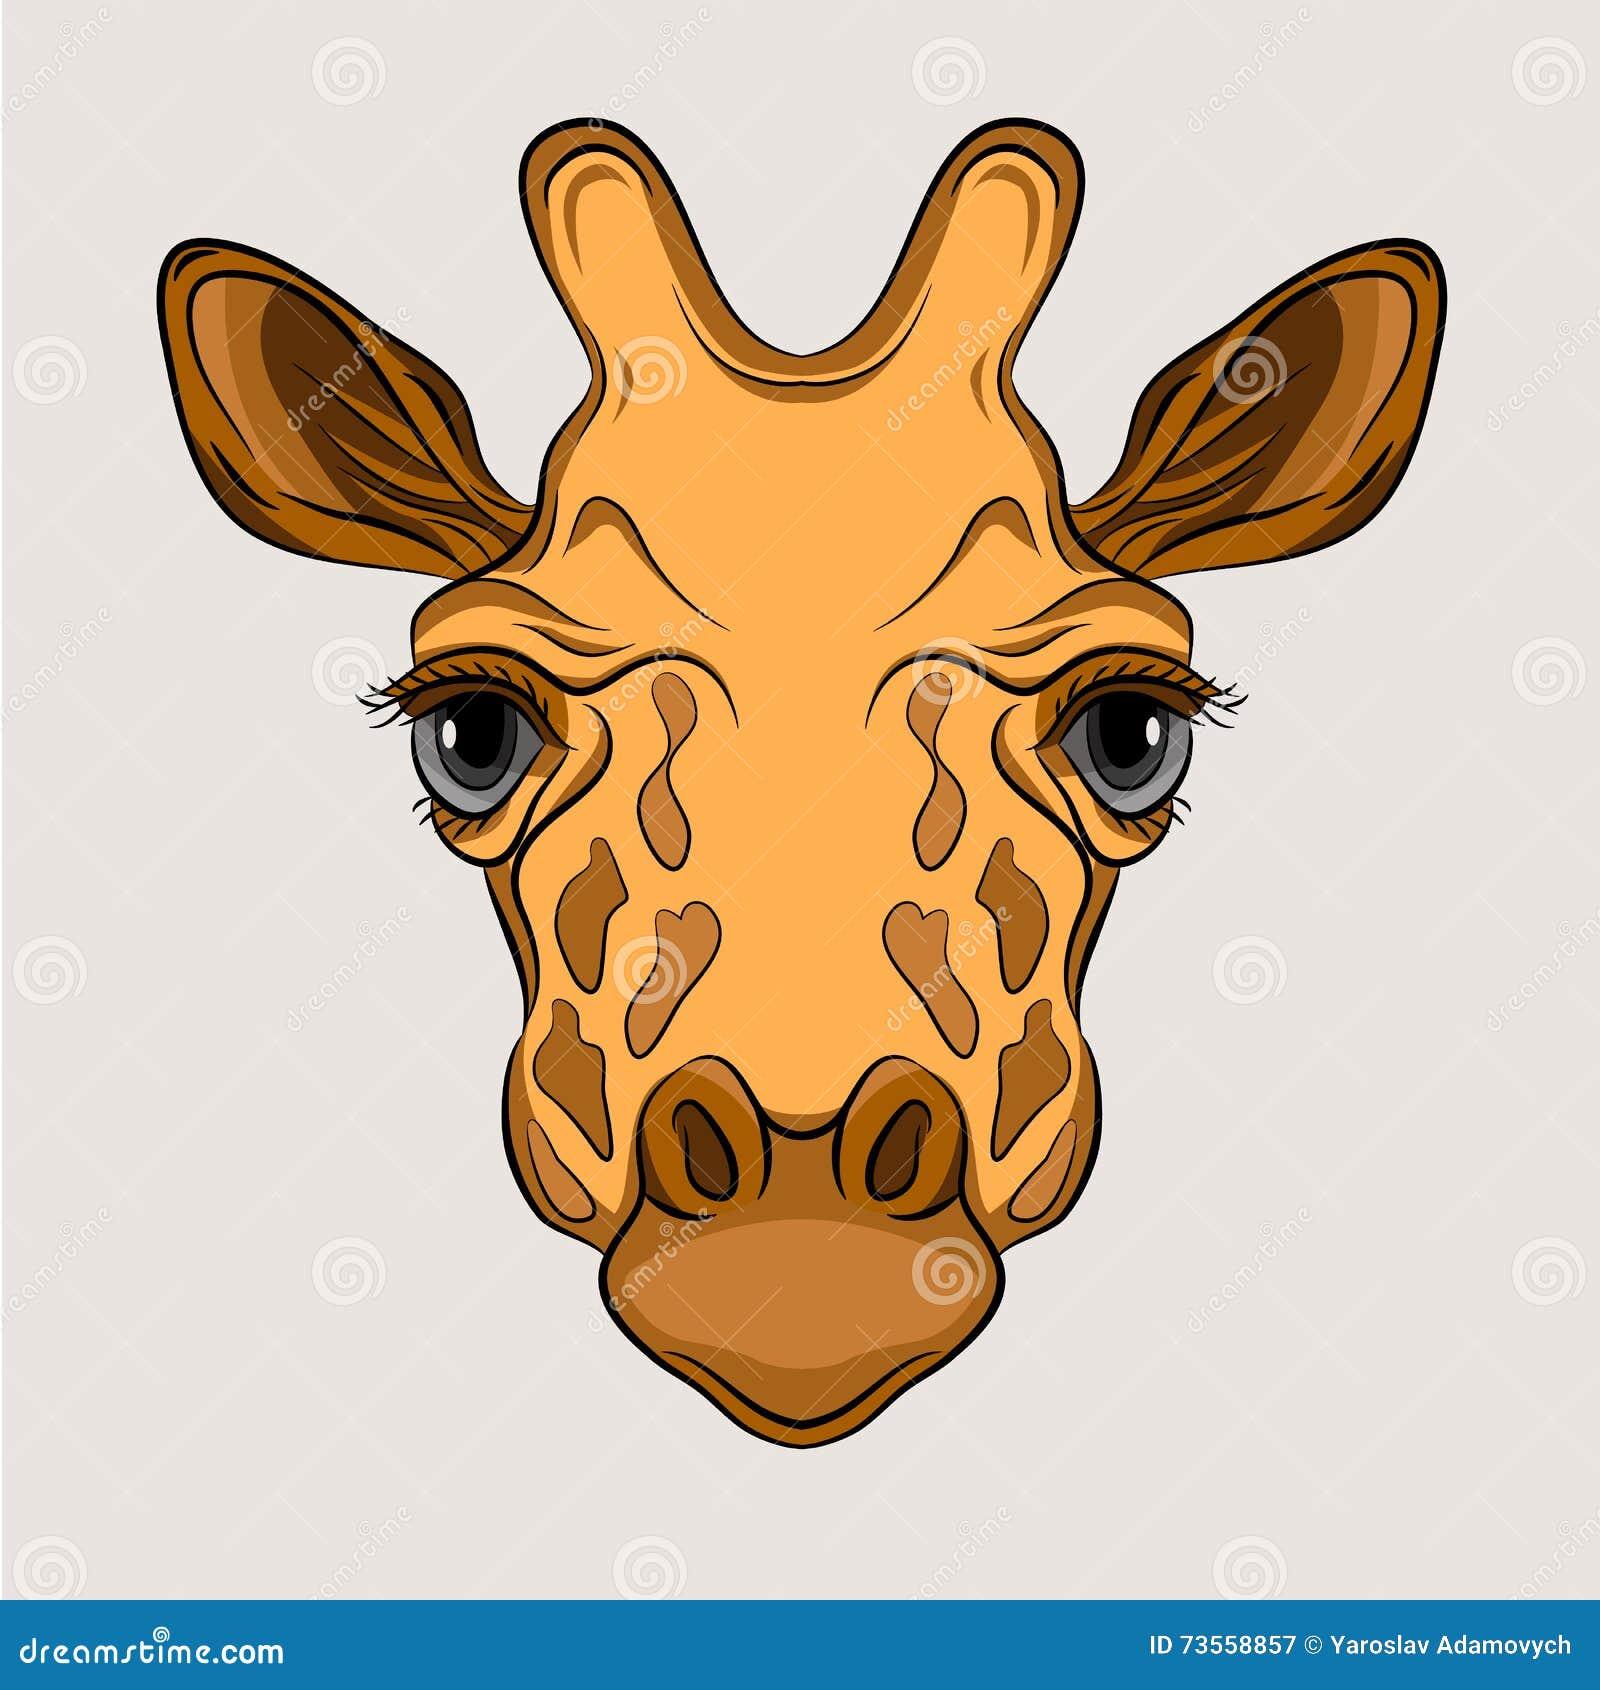 giraffe head clipart - Jaxstorm.realverse.us